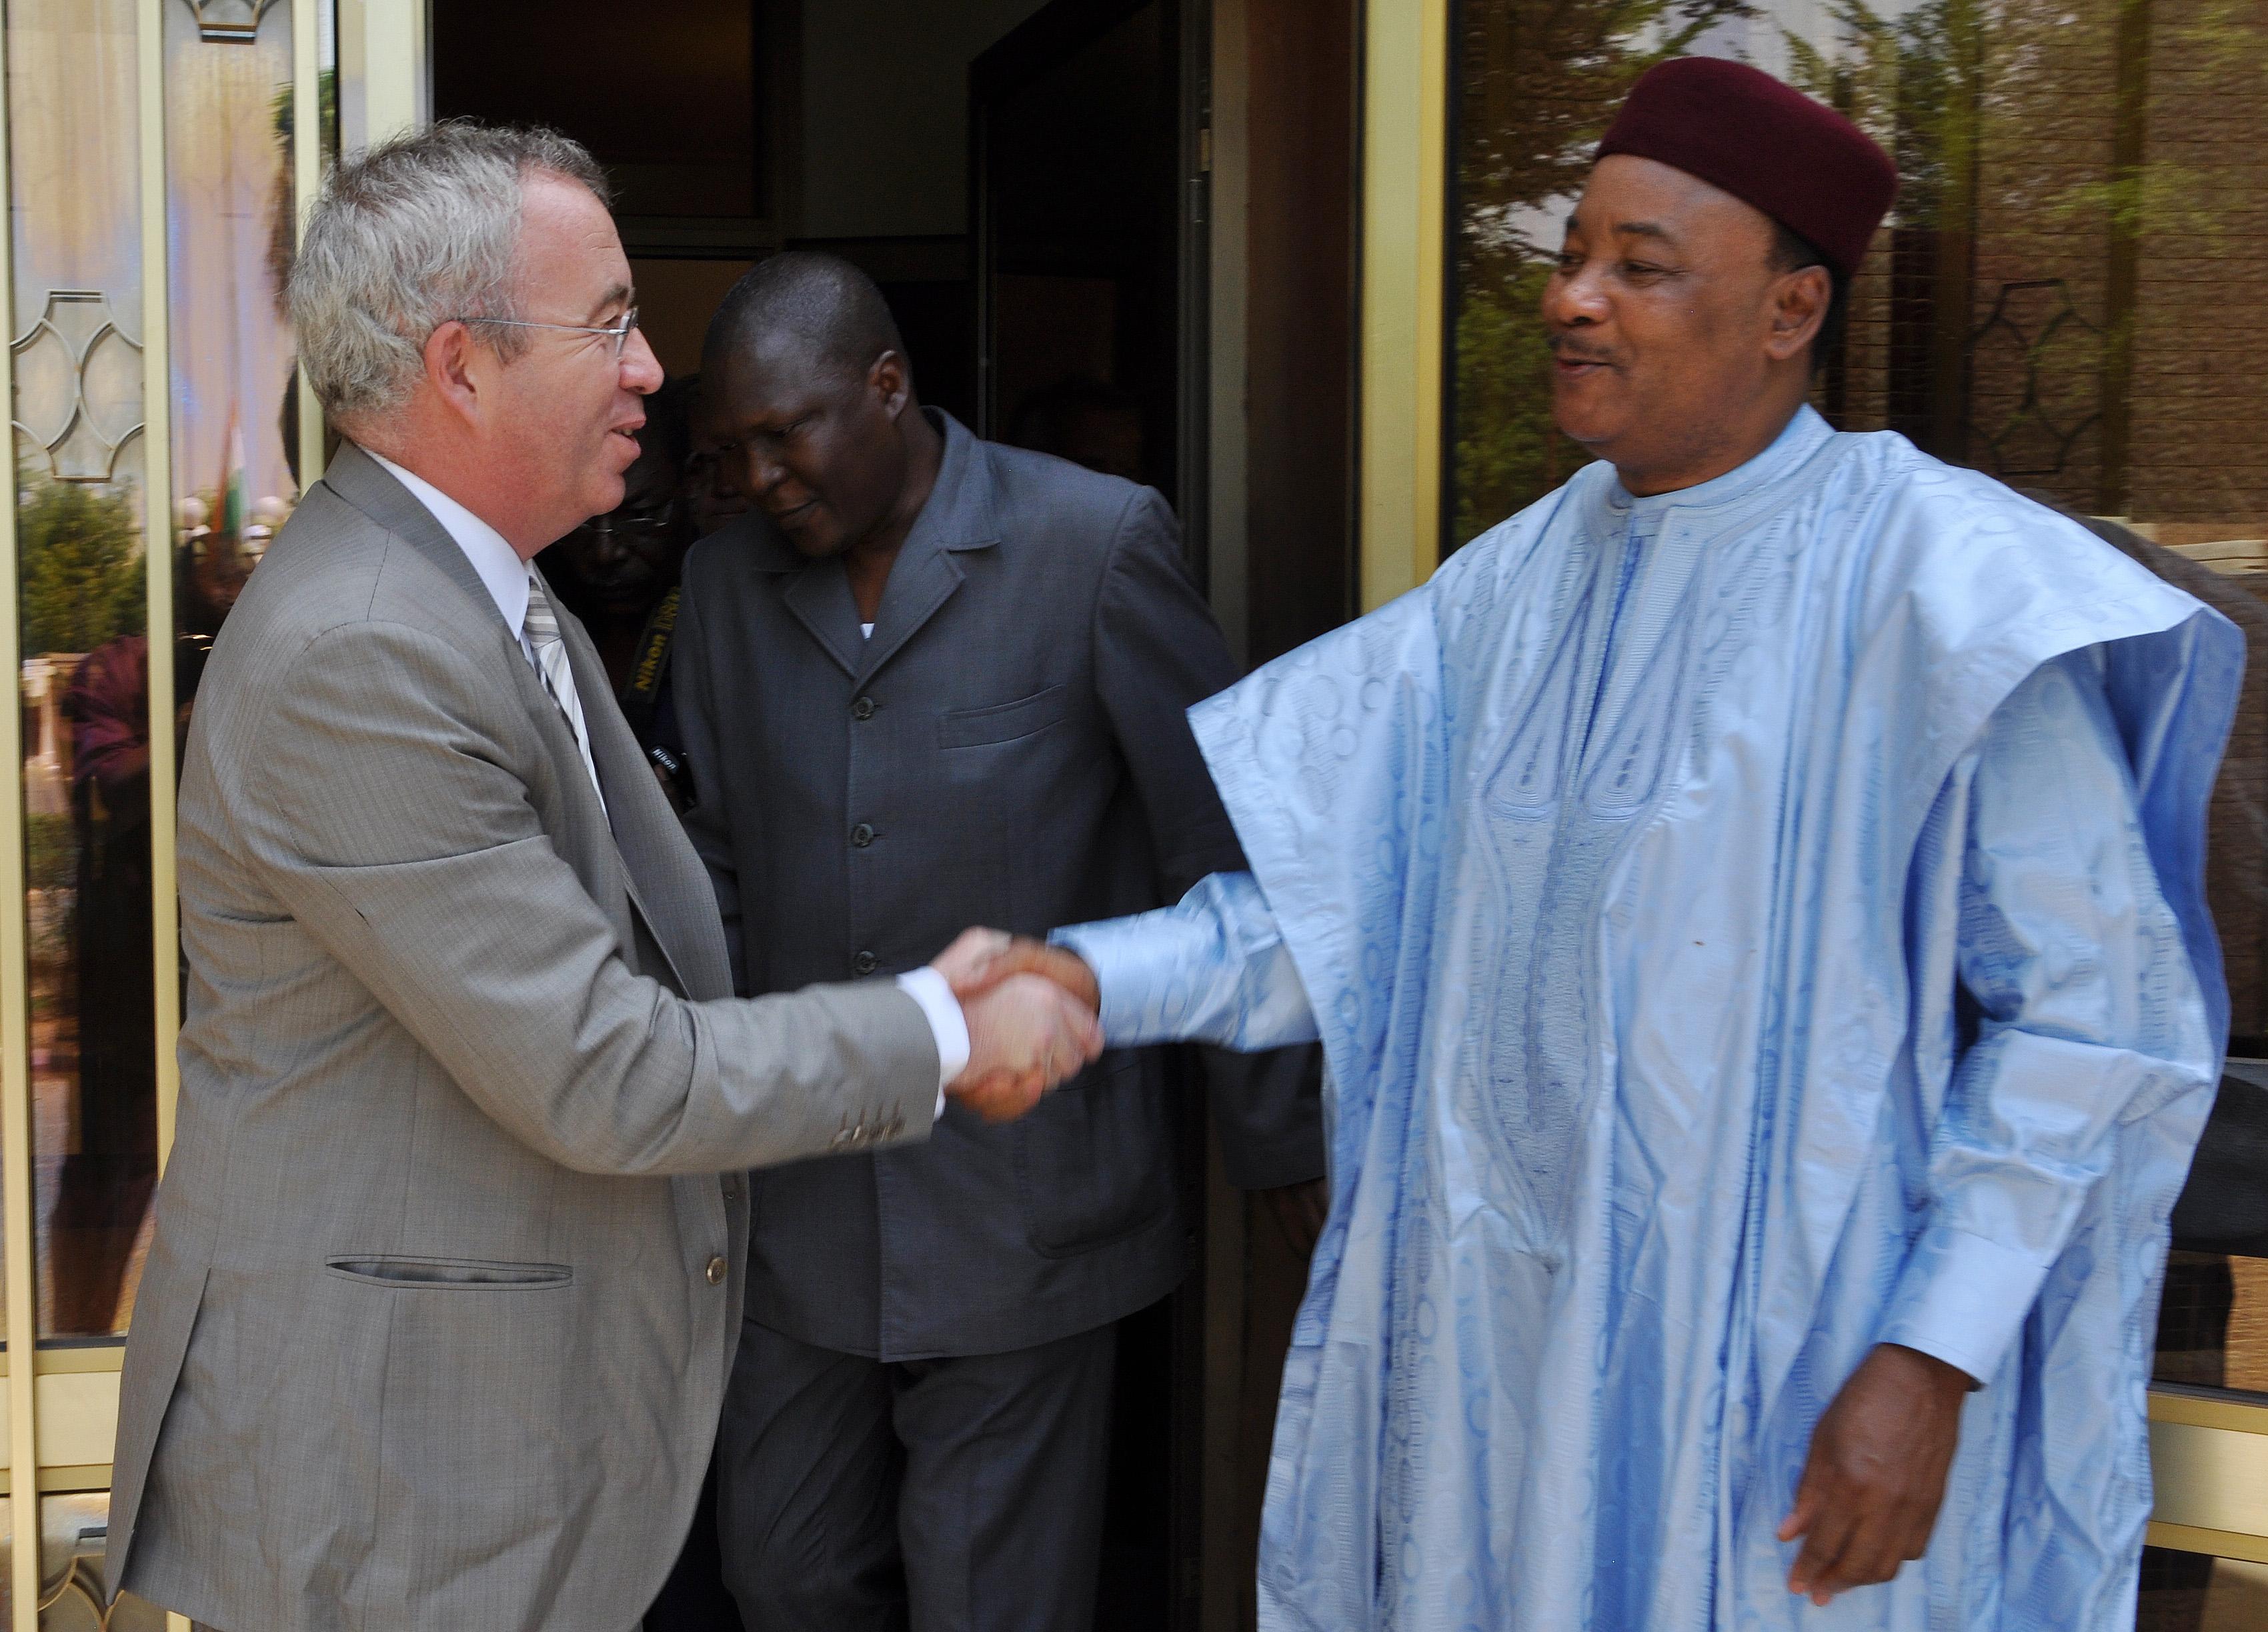 Niamey, 25 mai 2013 : le président du directoire d'Areva, Luc Oursel, salue Mahamadou Issoufou, le président nigérien. - STRINGER / AFP